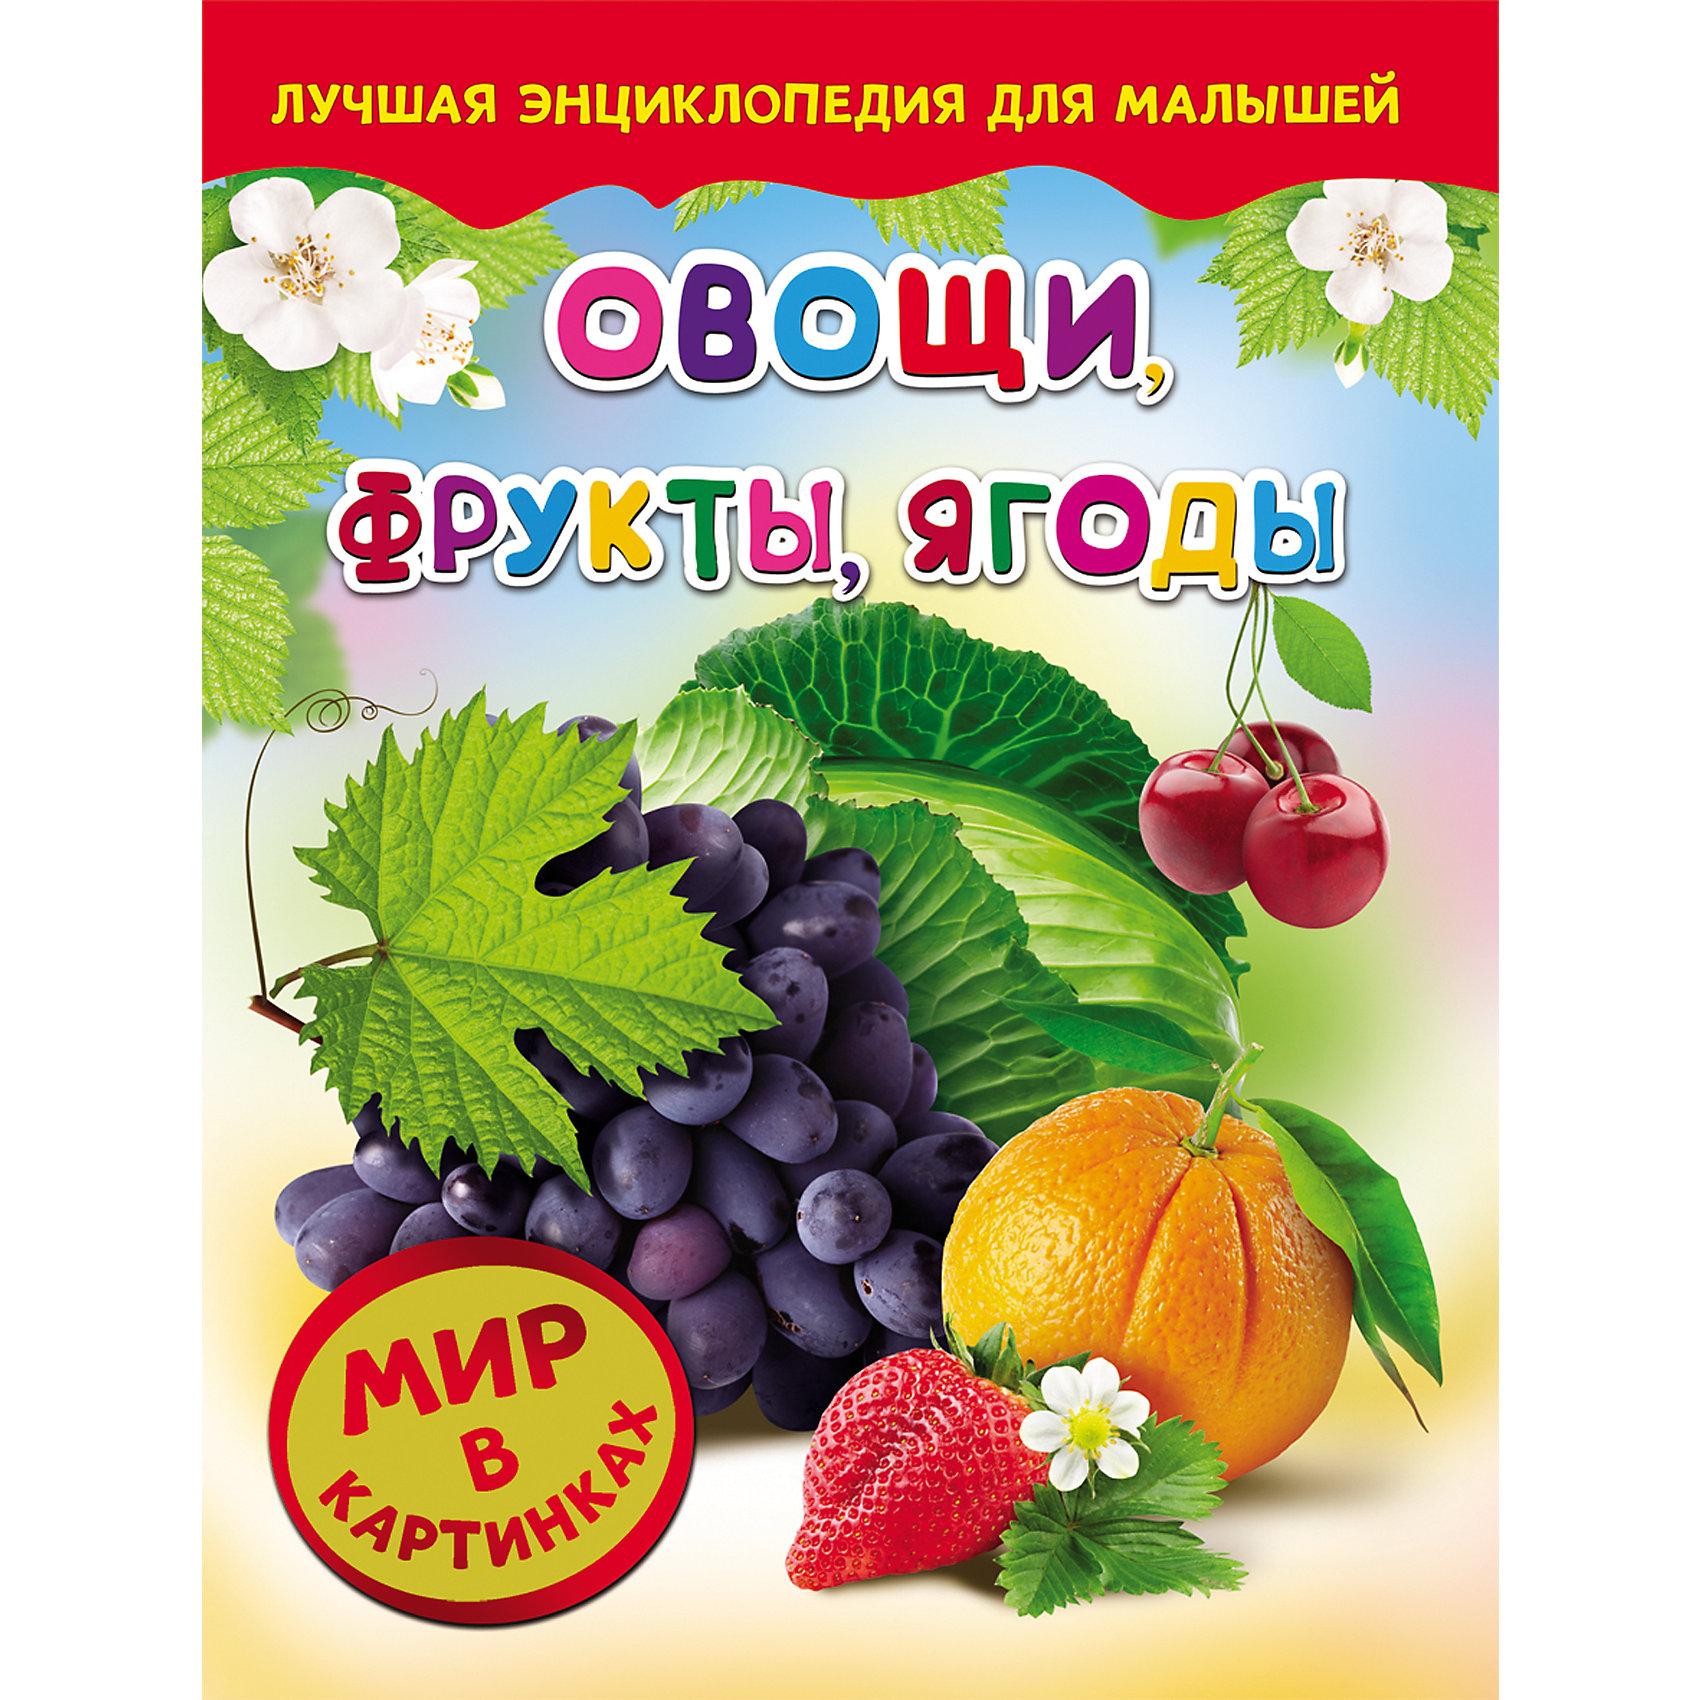 Овощи, фрукты, ягоды, Мир в картинкахС этой удивительной книжкой ваш ребенок откроет огромный мир в картинках! Малыши обожают рассматривать яркие рисунки, с помощью этого они познают мир, развивают цветовосприятие, фантазию и мышление.<br>На страницах этой книги ребенок найдет множество изображений различных овощей, фруктов и ягод. Все рисунки очень яркие и прекрасно детализированы - они обязательно привлекут внимание малышей и дадут крохе самые первые знания об окружающем мире. <br><br>Дополнительная информация:<br><br>- Переплет: твердый.<br>- Количество страниц: 24.<br>- Иллюстрации: цветные. <br>- Формат: 26,5х20,5 см. <br><br>Книгу Овощи, фрукты, ягоды, Мир в картинках, можно купить в нашем магазине.<br><br>Ширина мм: 265<br>Глубина мм: 205<br>Высота мм: 5<br>Вес г: 285<br>Возраст от месяцев: 36<br>Возраст до месяцев: 72<br>Пол: Унисекс<br>Возраст: Детский<br>SKU: 4756079